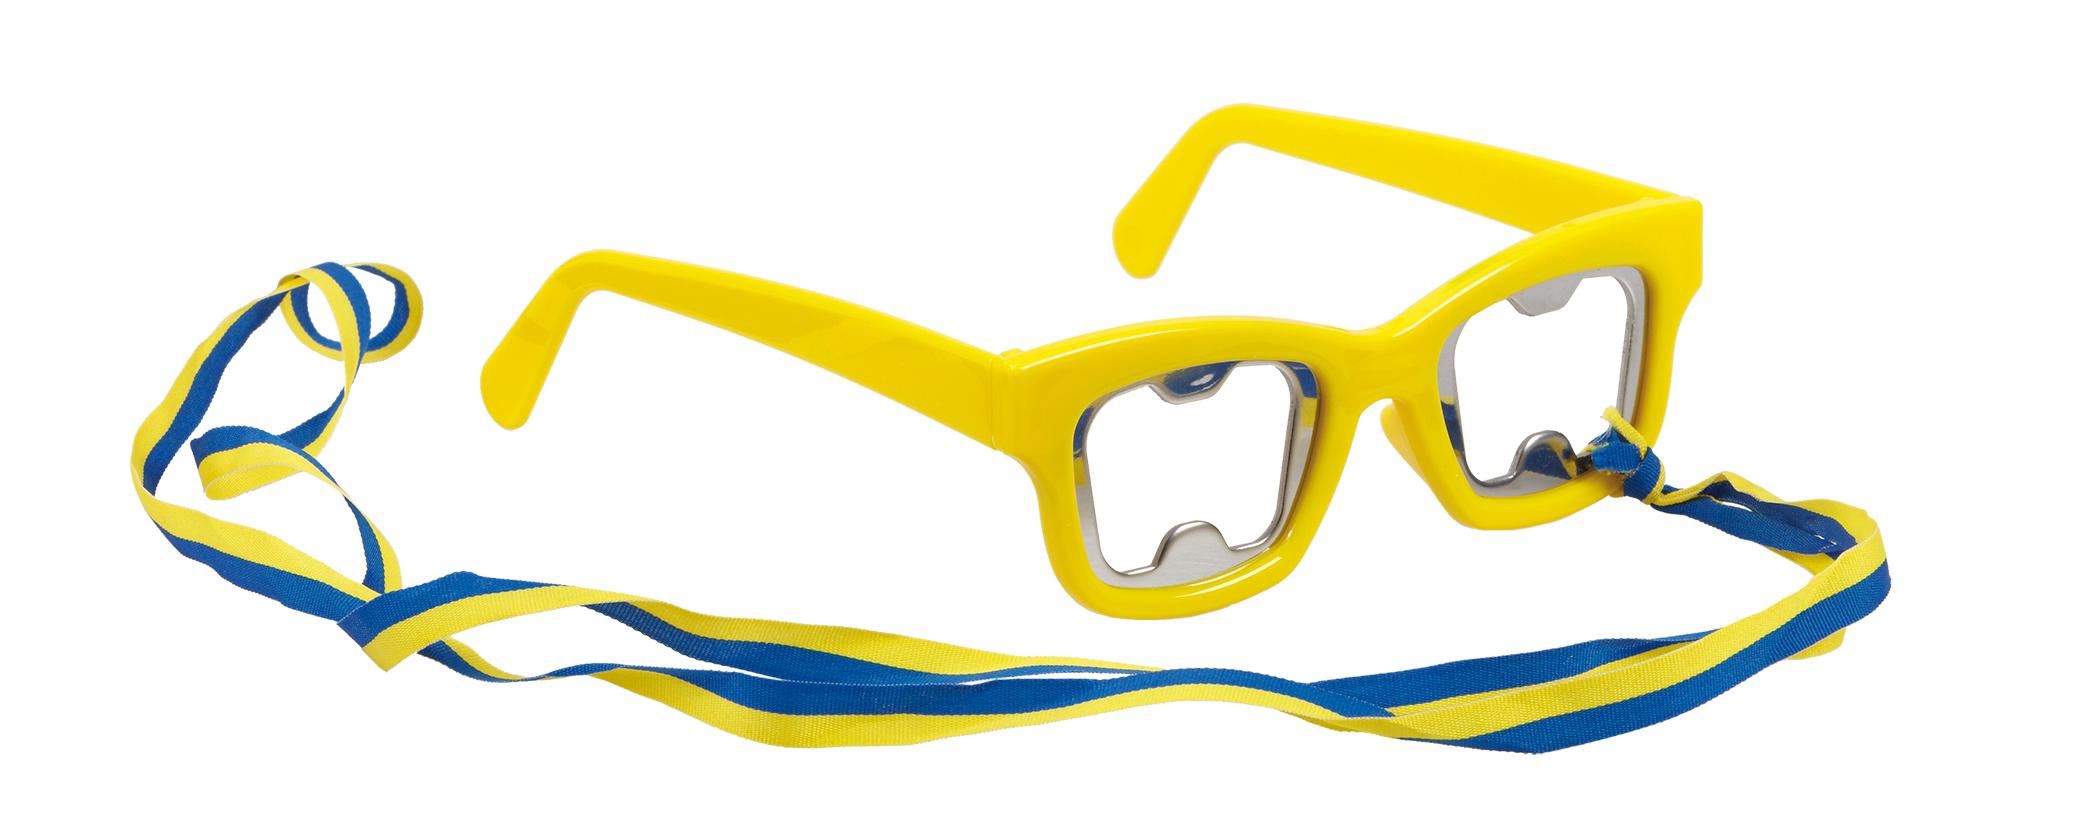 Öppnarglasögon Student • Pryloteket